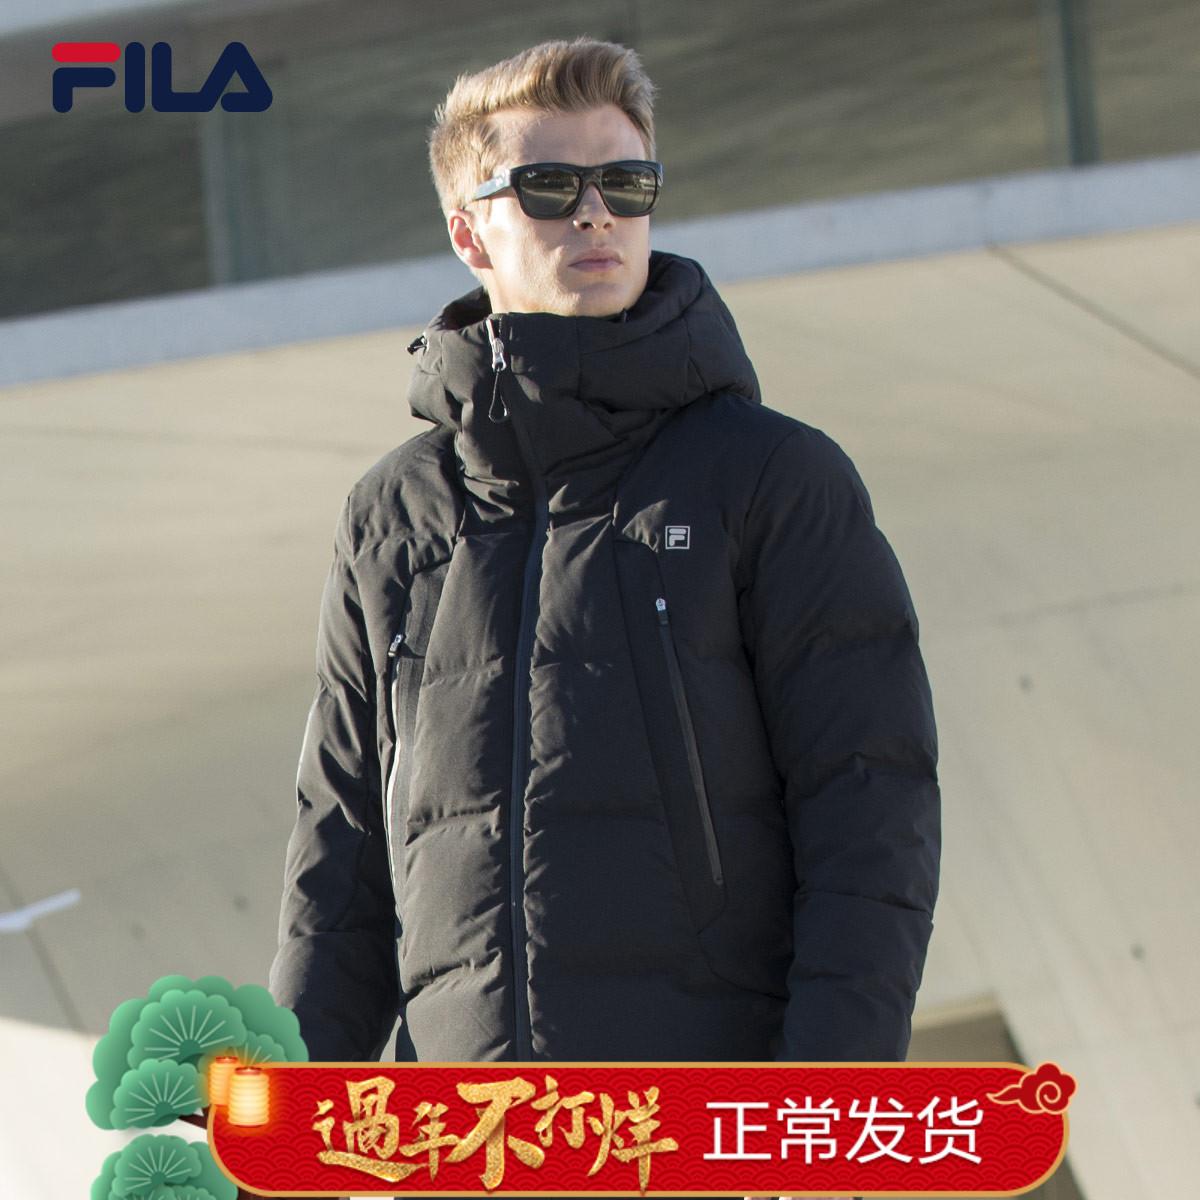 FILA фиджи музыка чэн кун в этом же моделье мужчина пальто 2017 новый зимний осенний белый гусь вниз куртка теплый движение пальто мужчина